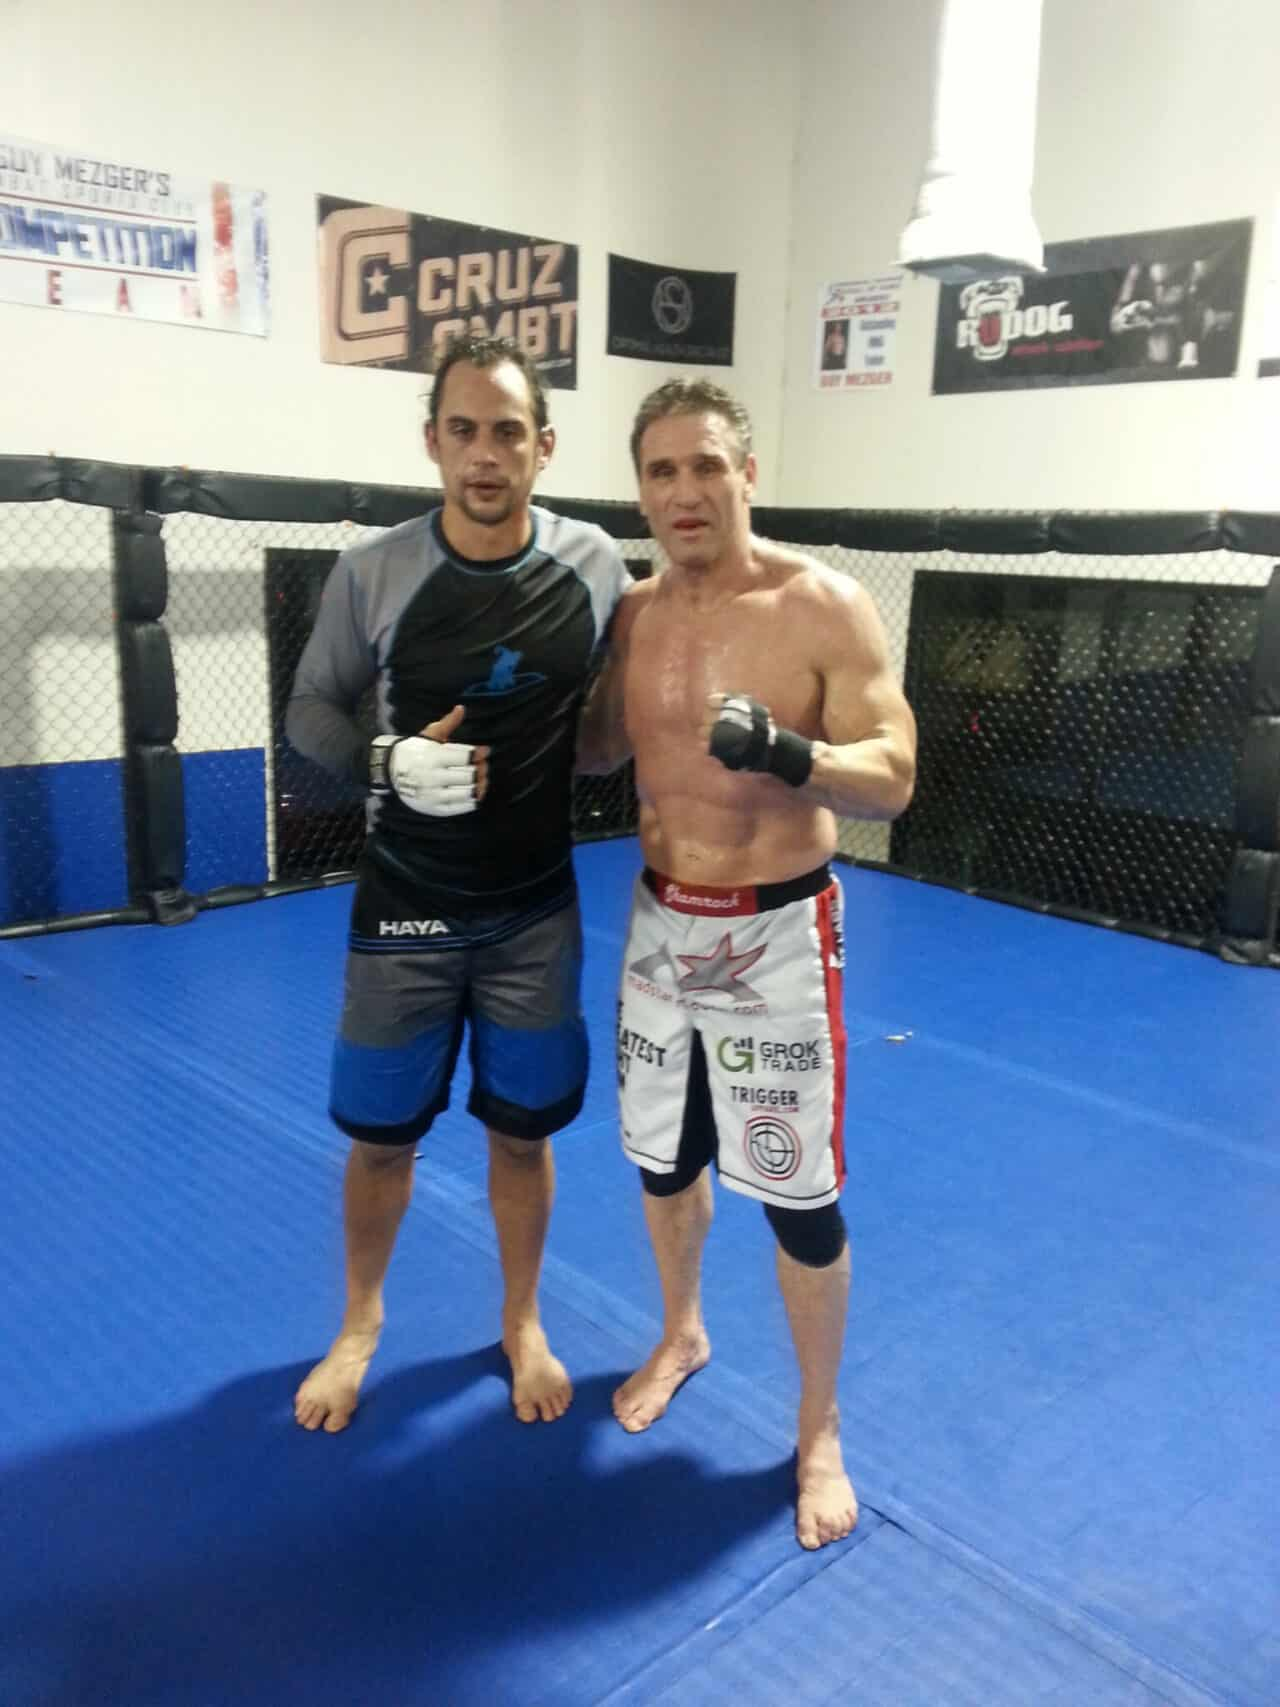 mixed martial arts, Joyce Gracie, mma, fighting, brazilian jiu jitsu